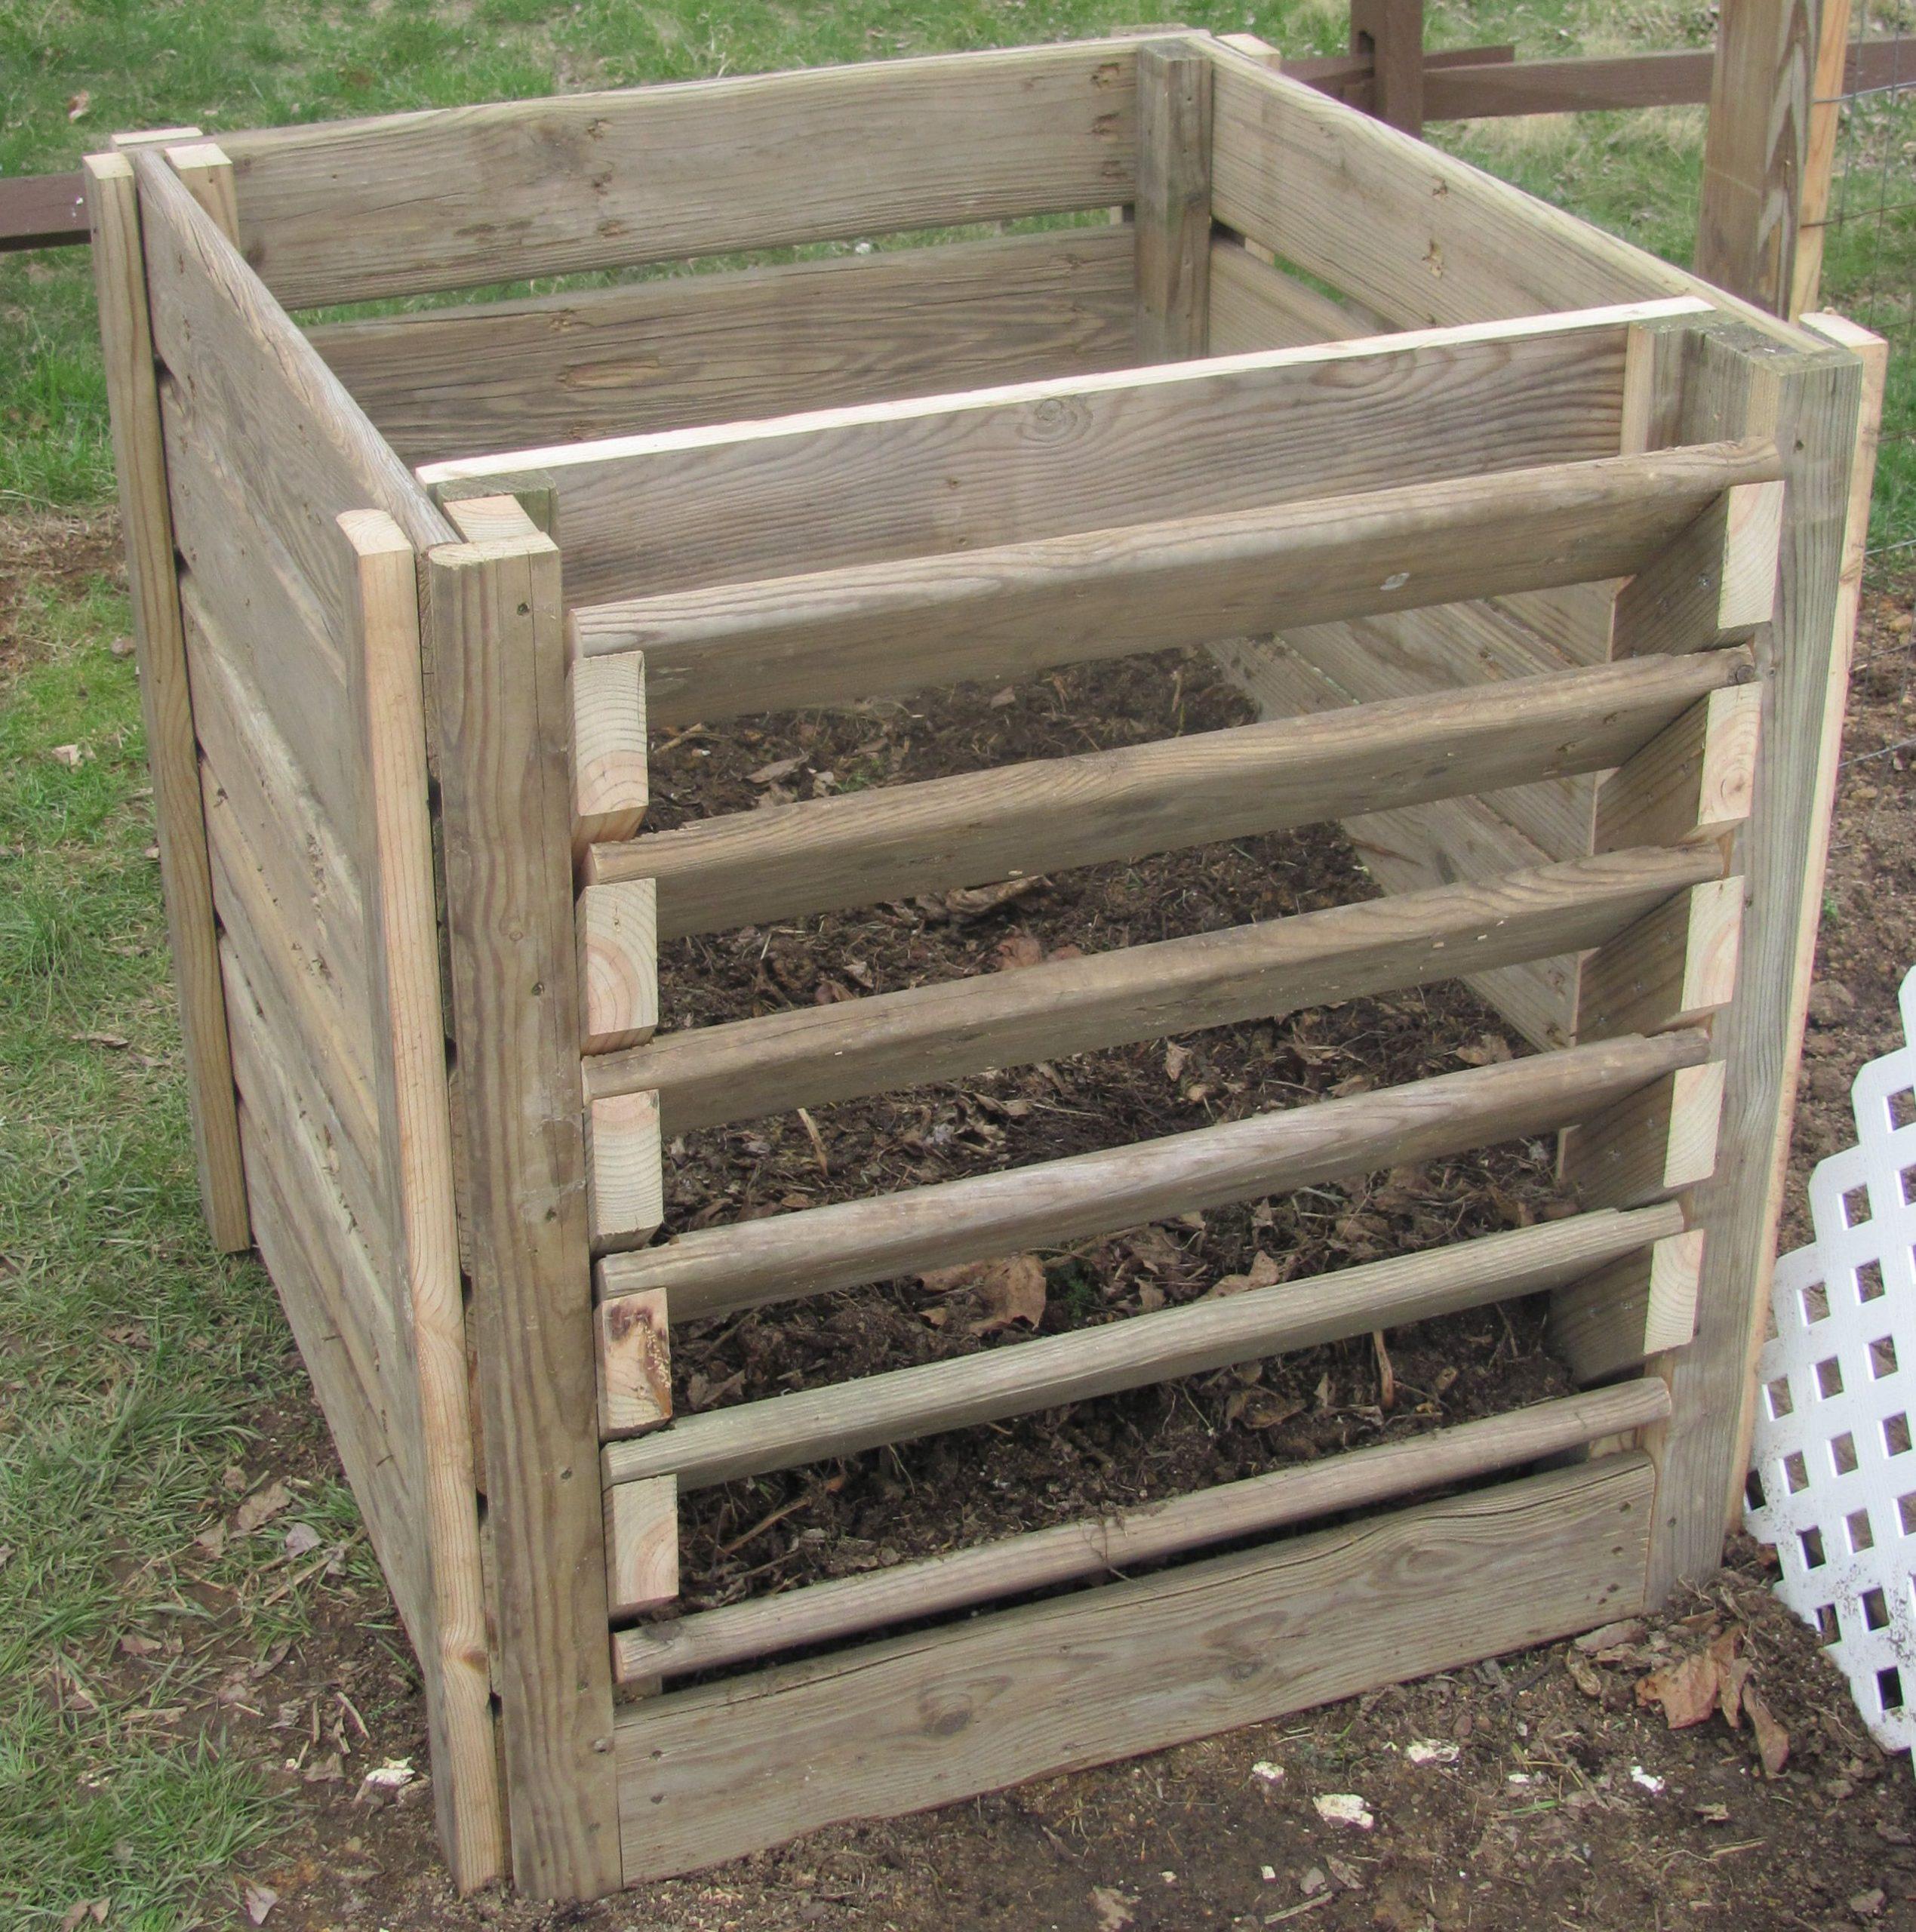 Compost Bin | Idées De Bricolage De Jardin, Composteur Et ... encequiconcerne Composteur De Jardin